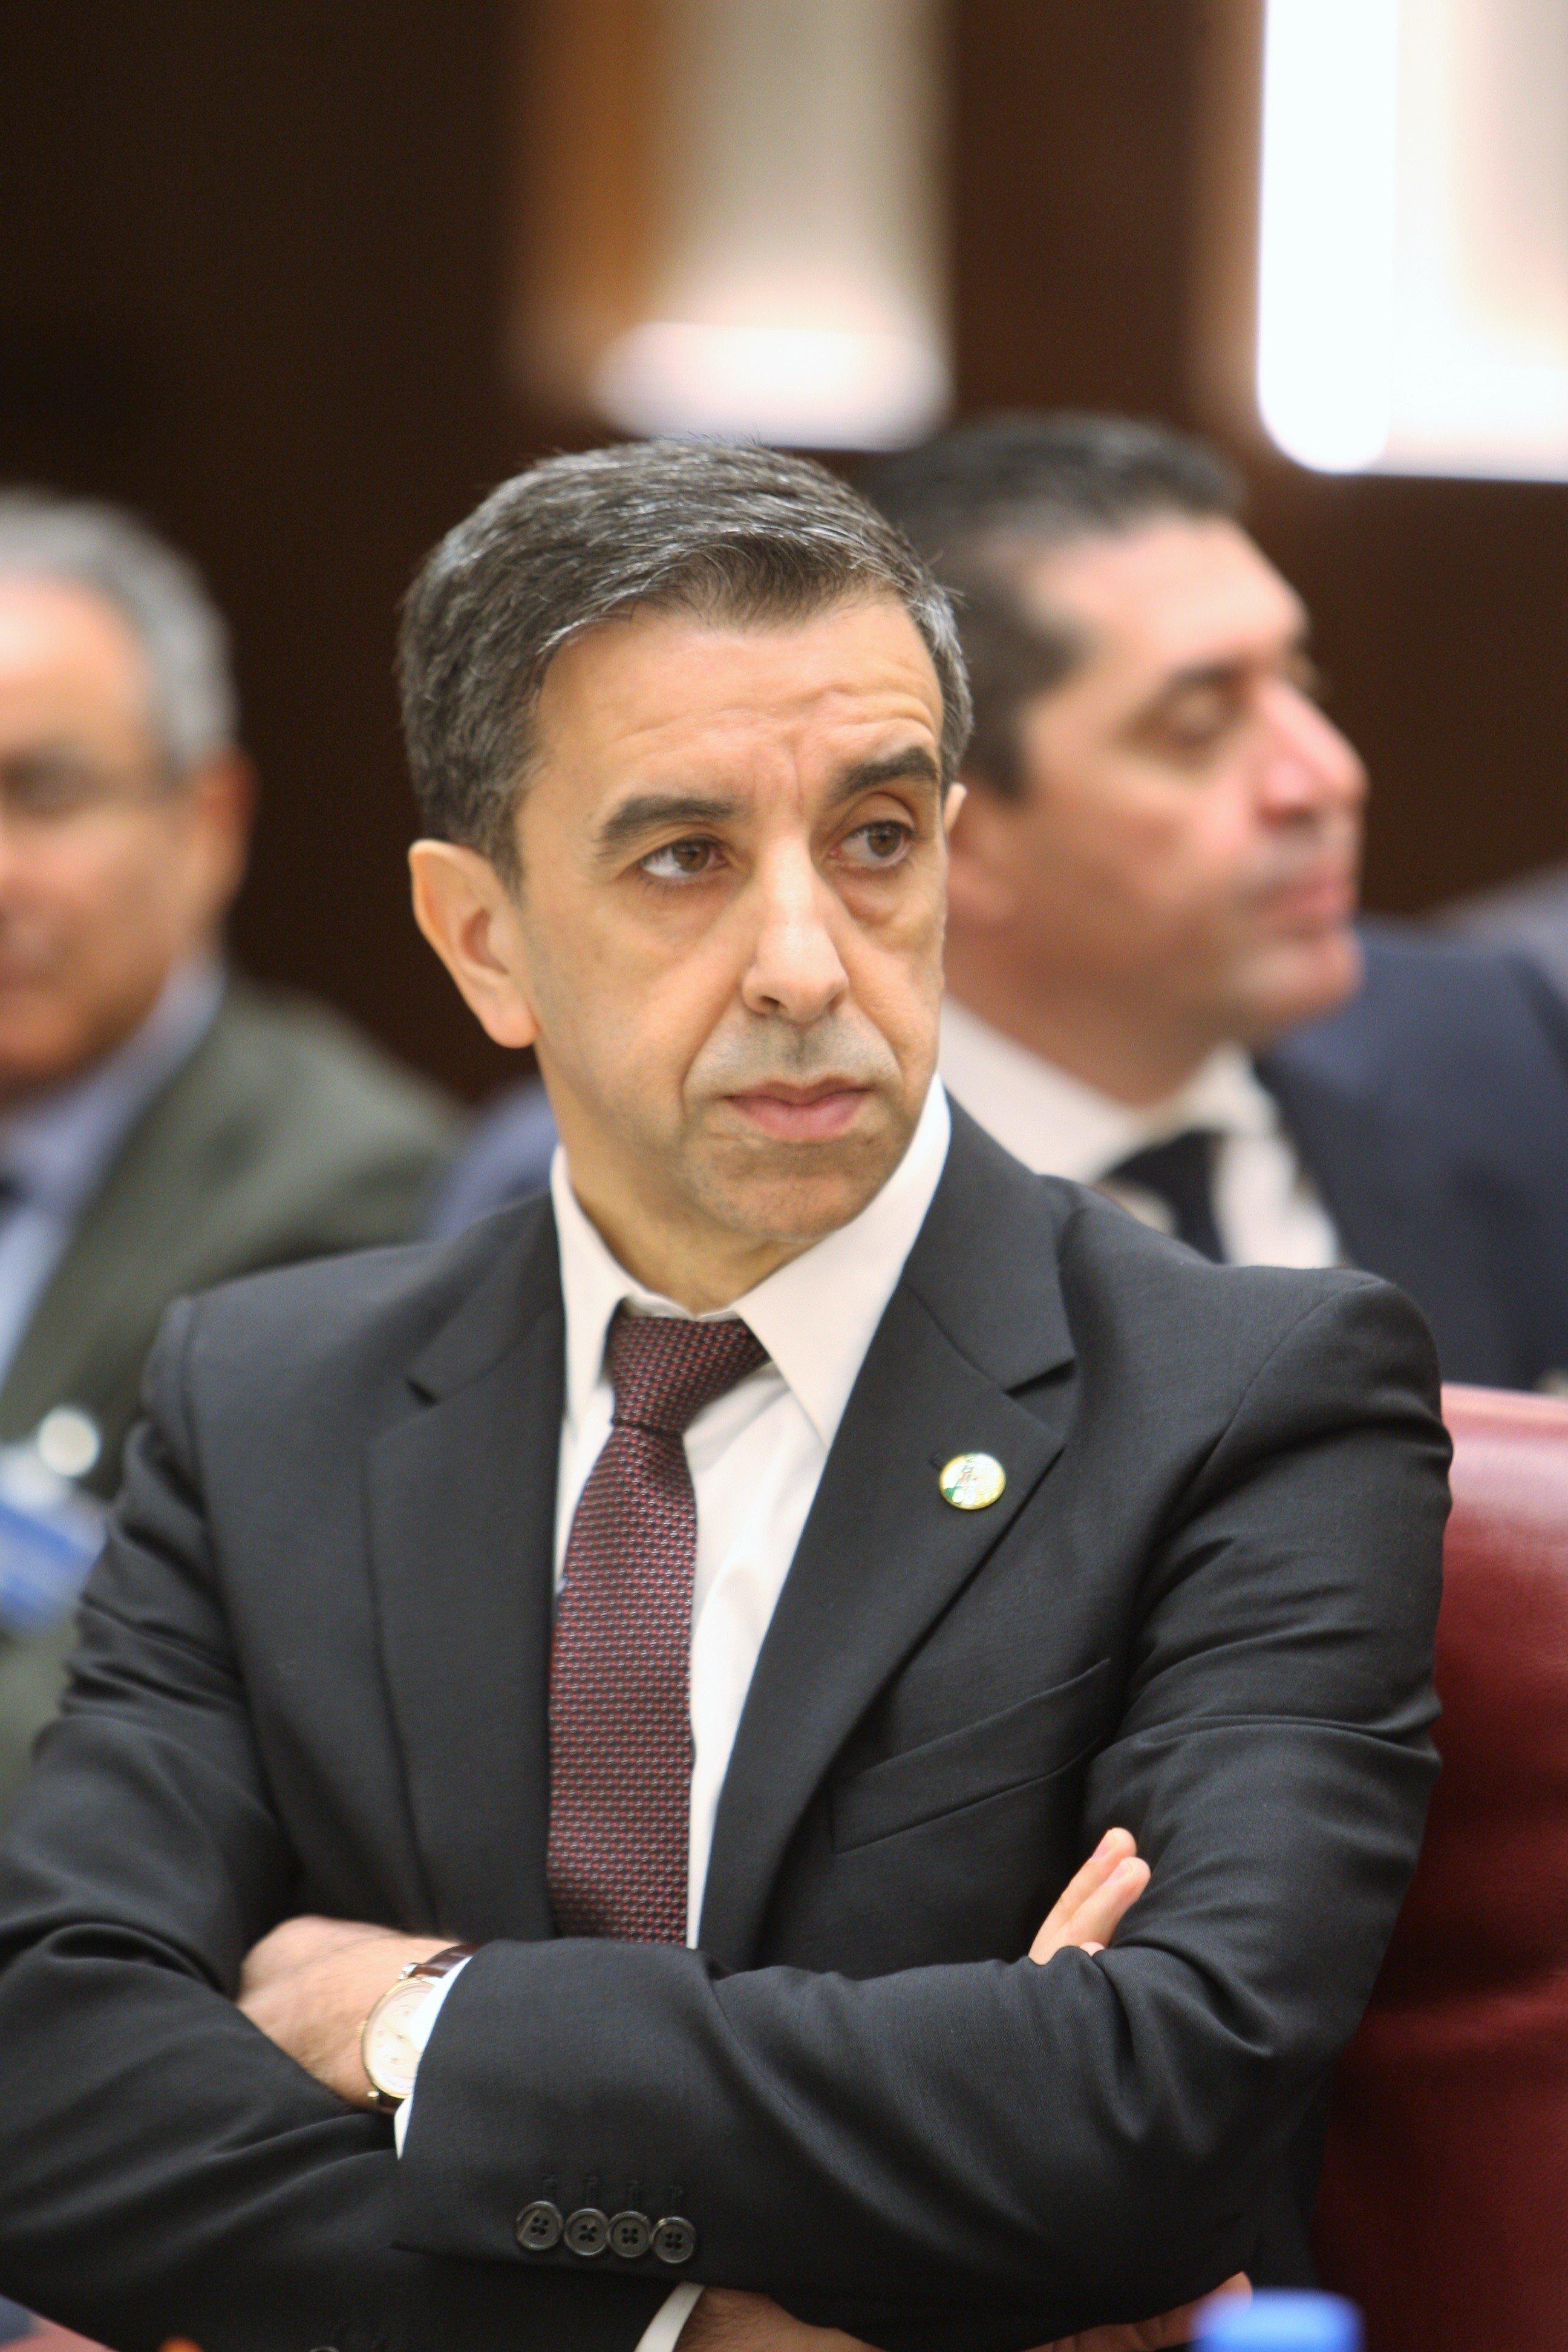 Dix personnes ciblées par les enquêtes du parquet dont Haddad, Kouninef, Tahkout et des membres de leurs